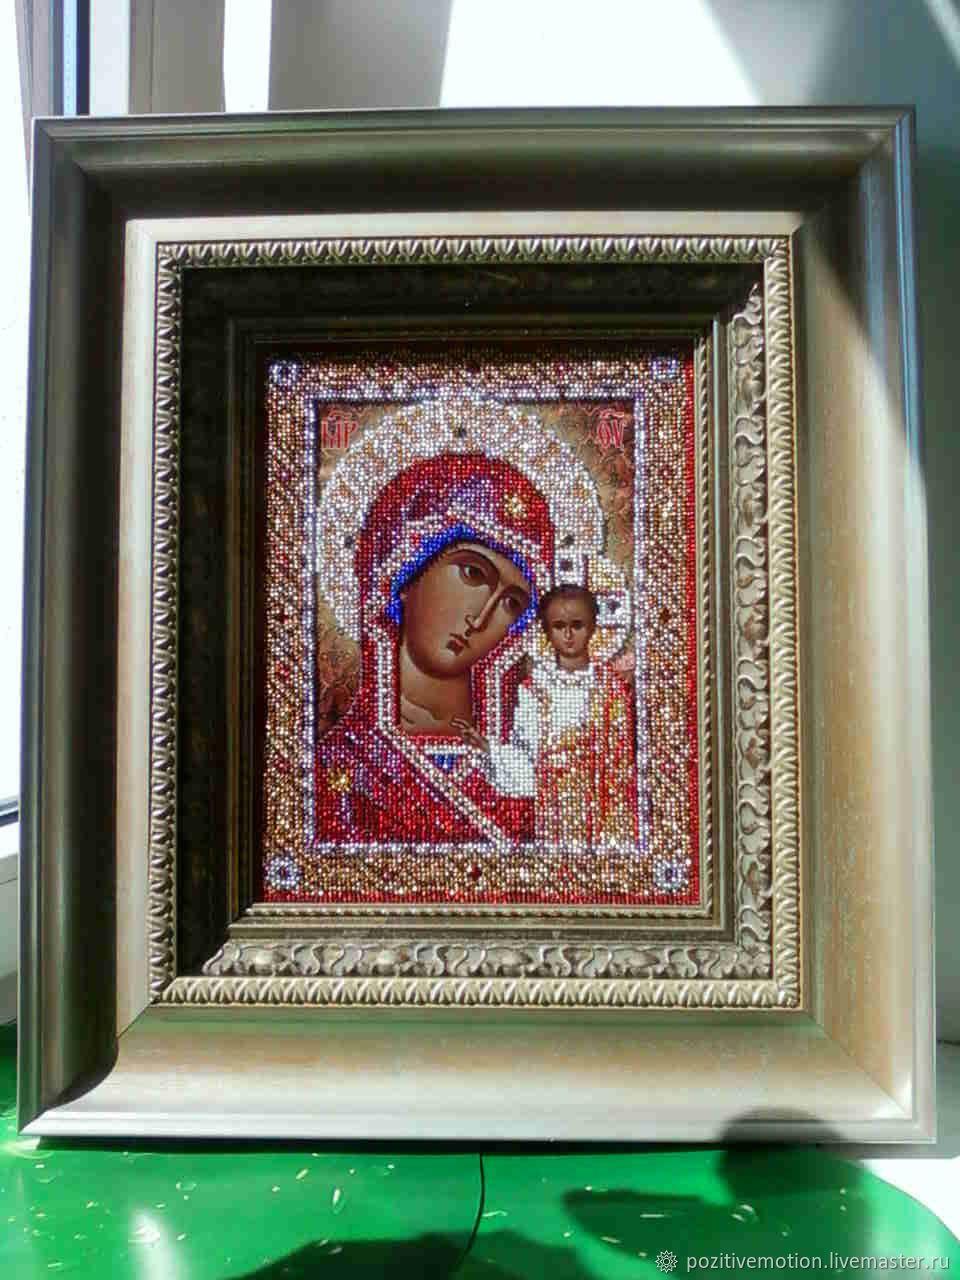 Икона казанской божьей матери вышивка бисером фото 91